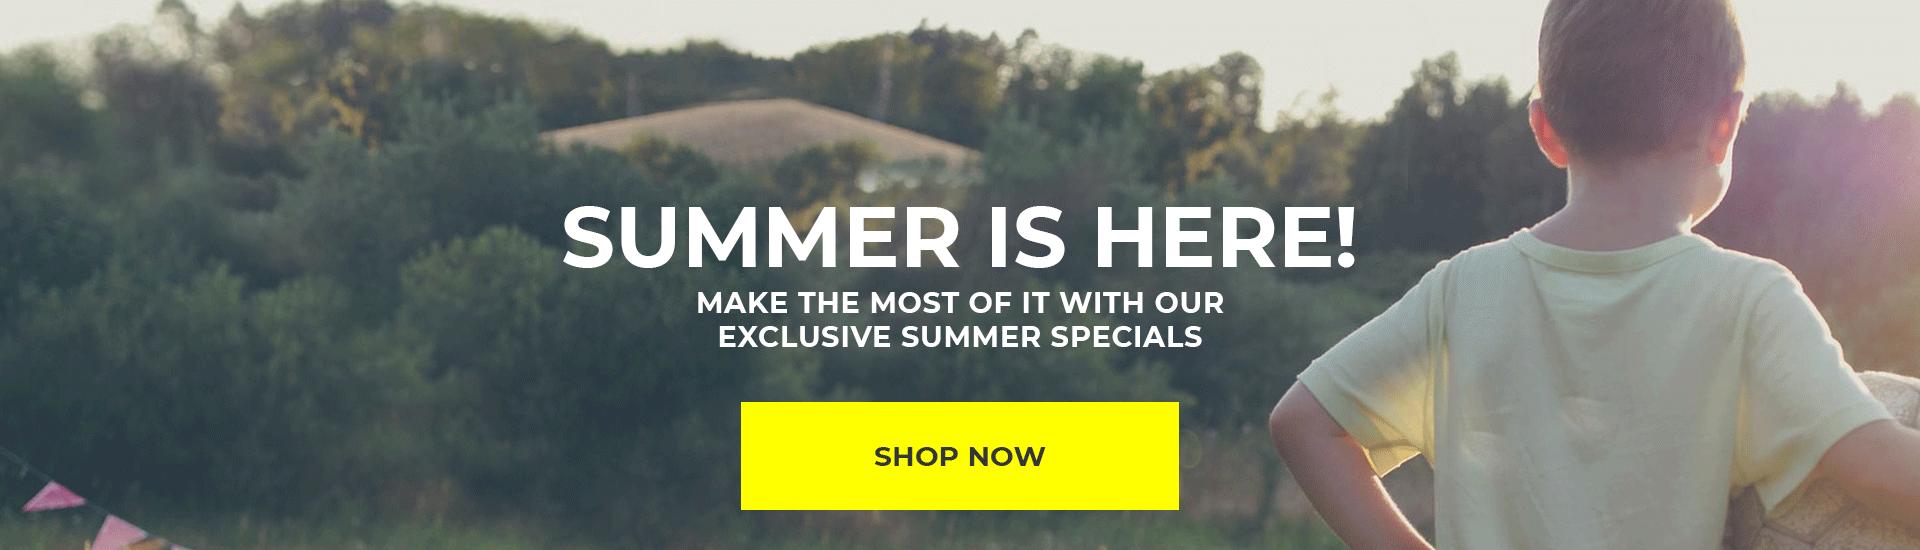 summer-specials.html